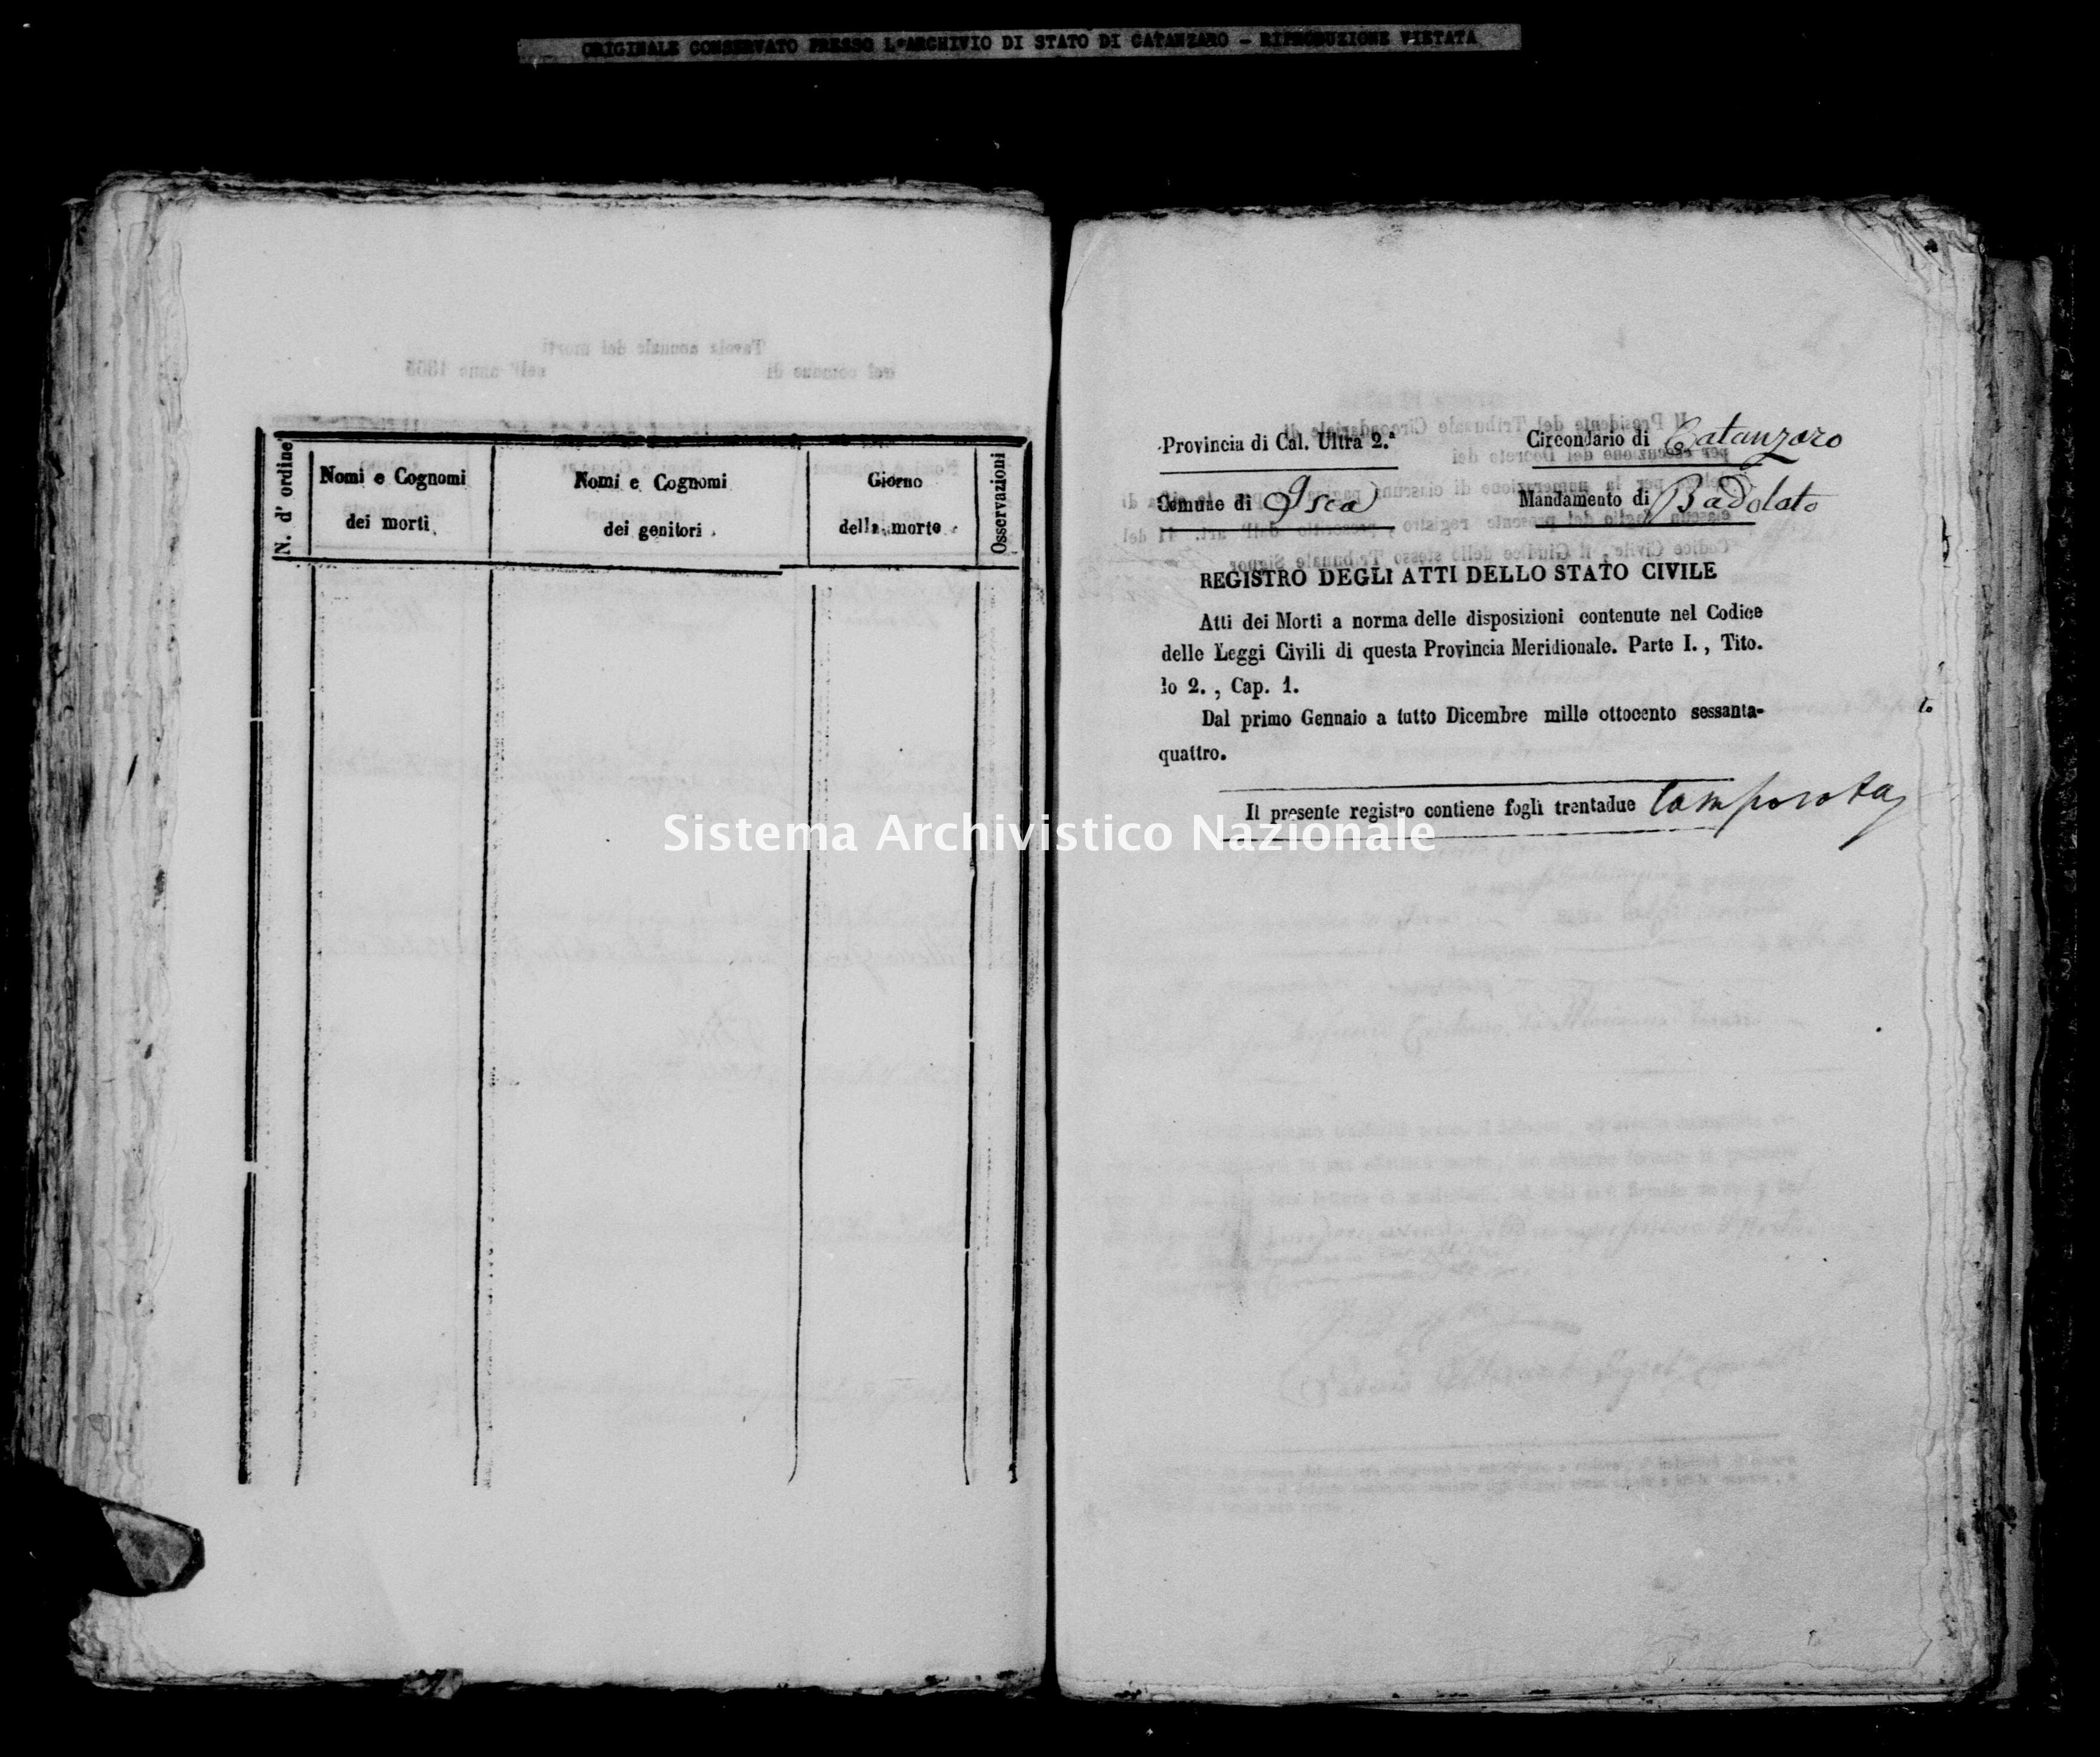 Archivio di stato di Catanzaro - Stato civile italiano - Isca sullo Ionio - Morti - 1864 -